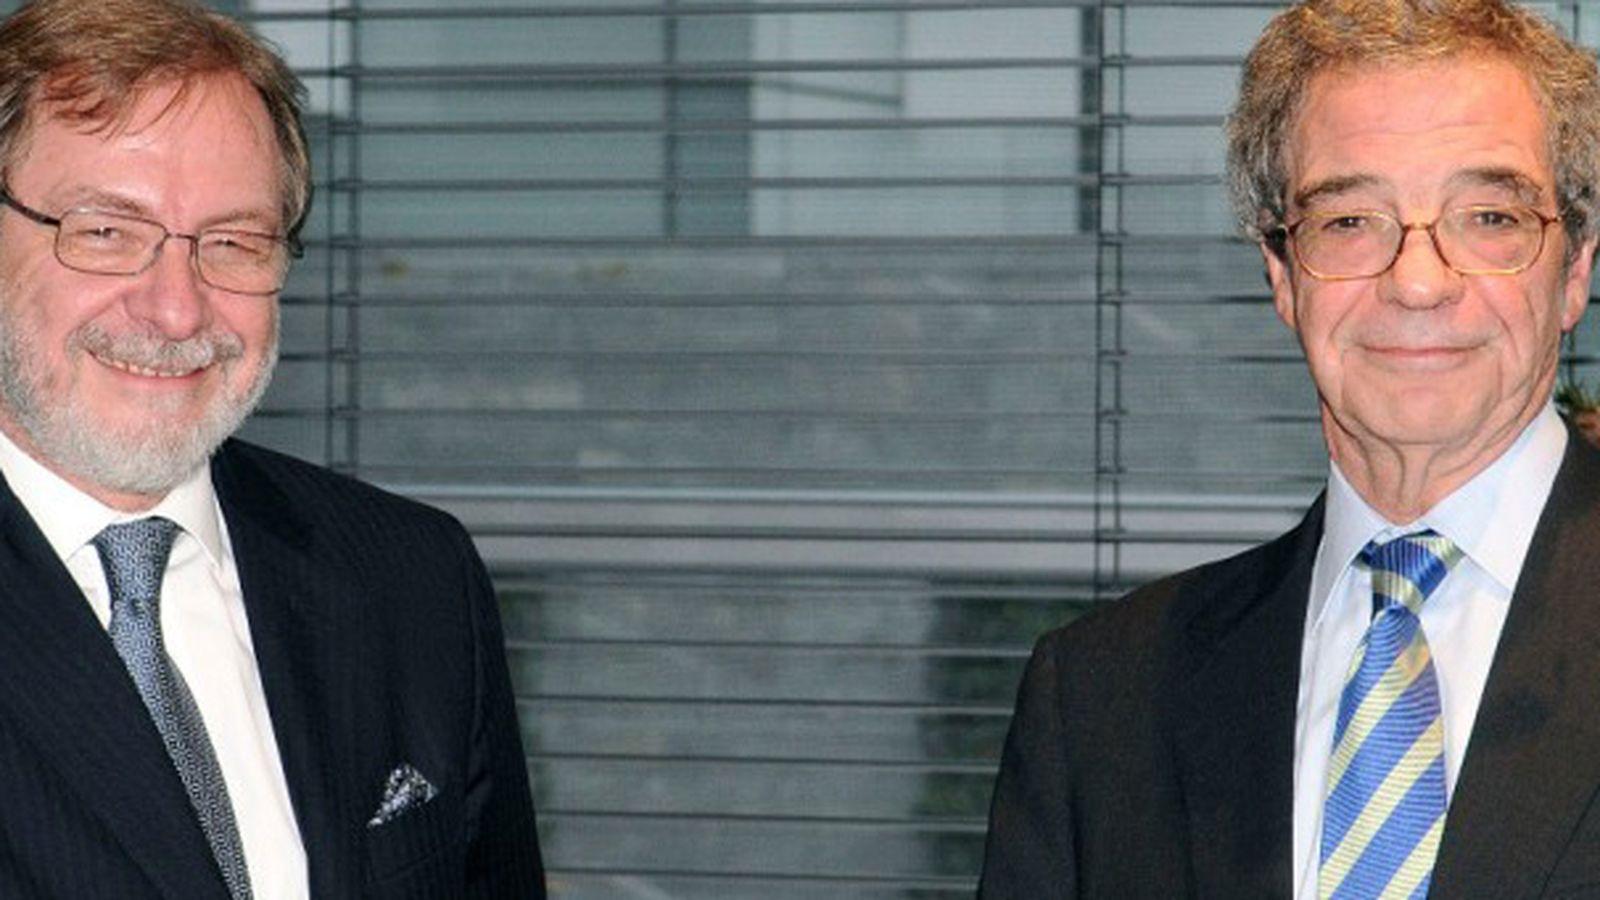 Foto: Cebrián (prisa) y alierta (telefónica) tras el acuerdo por el que telefónica decidiera comprar digital plus a prisa por 725 millones de euros.